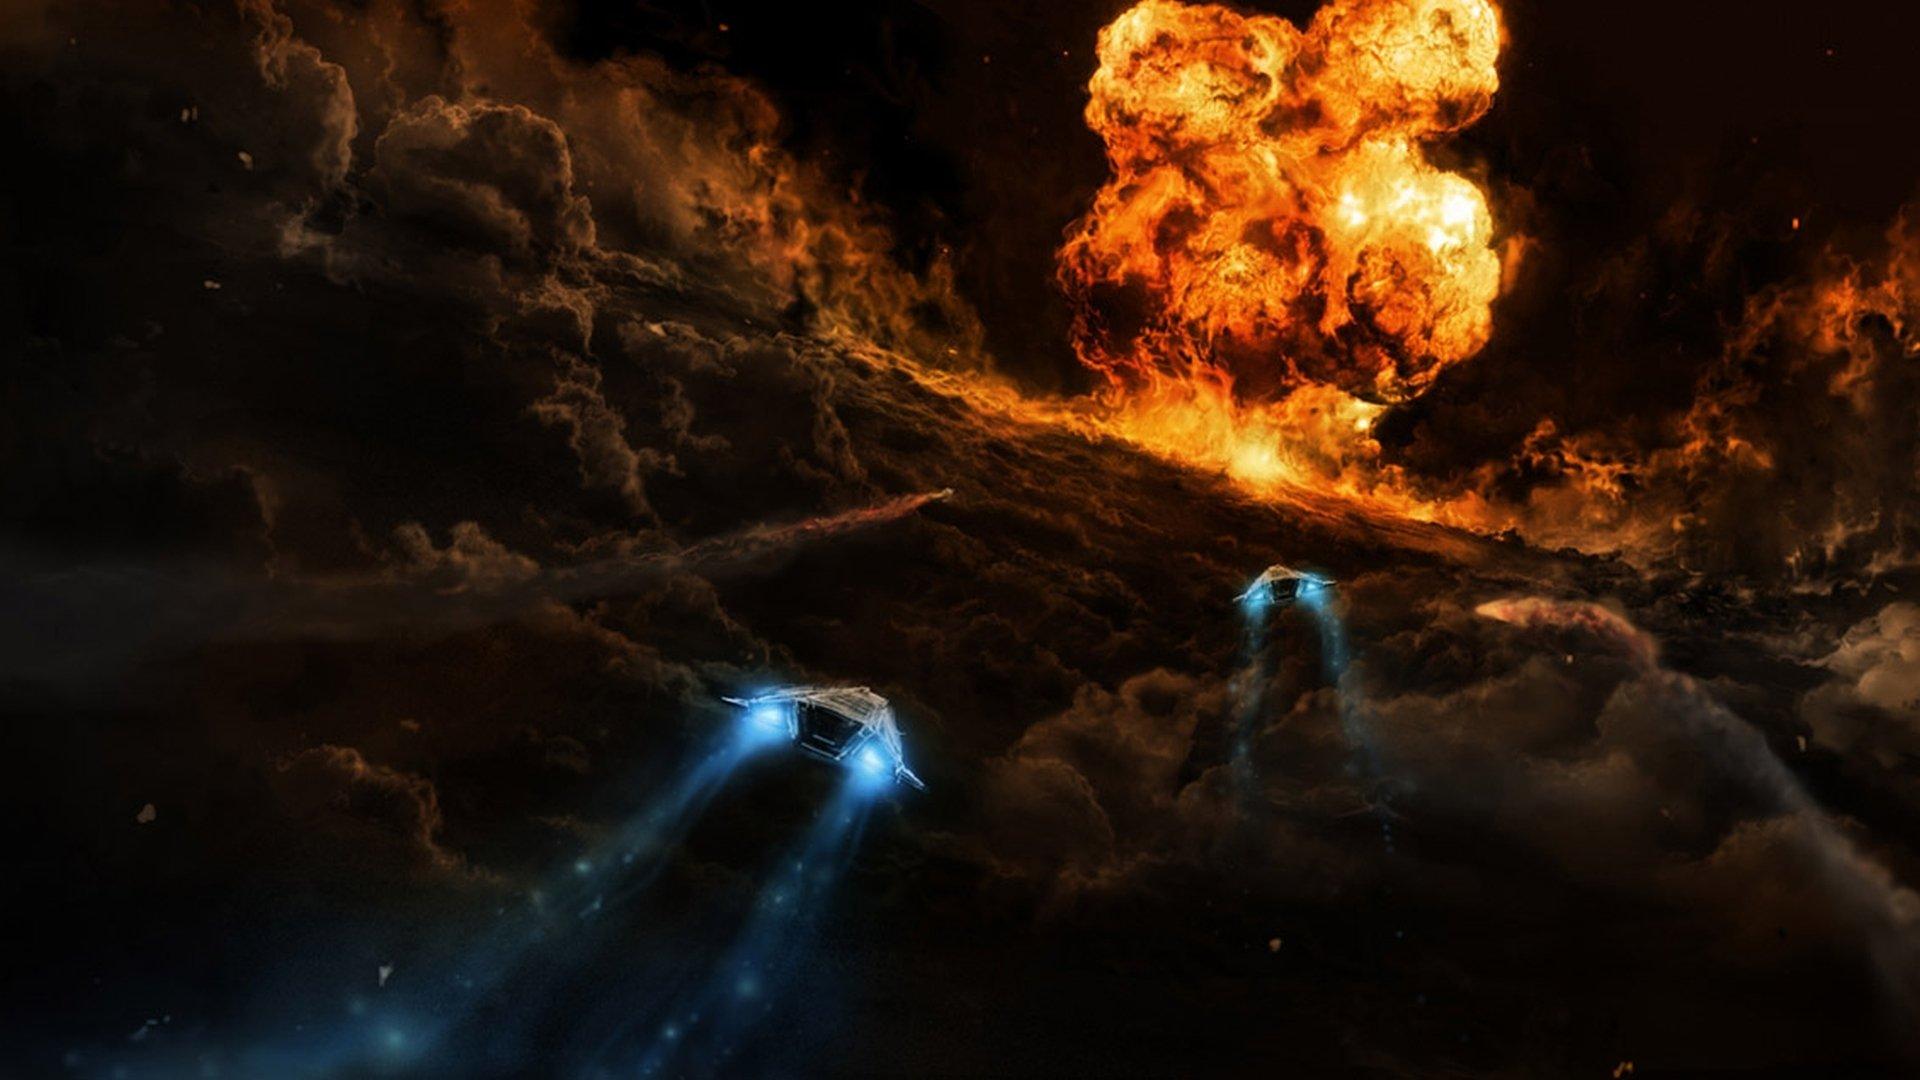 Ciencia Ficción - Nave Espacial  Fondo de Pantalla